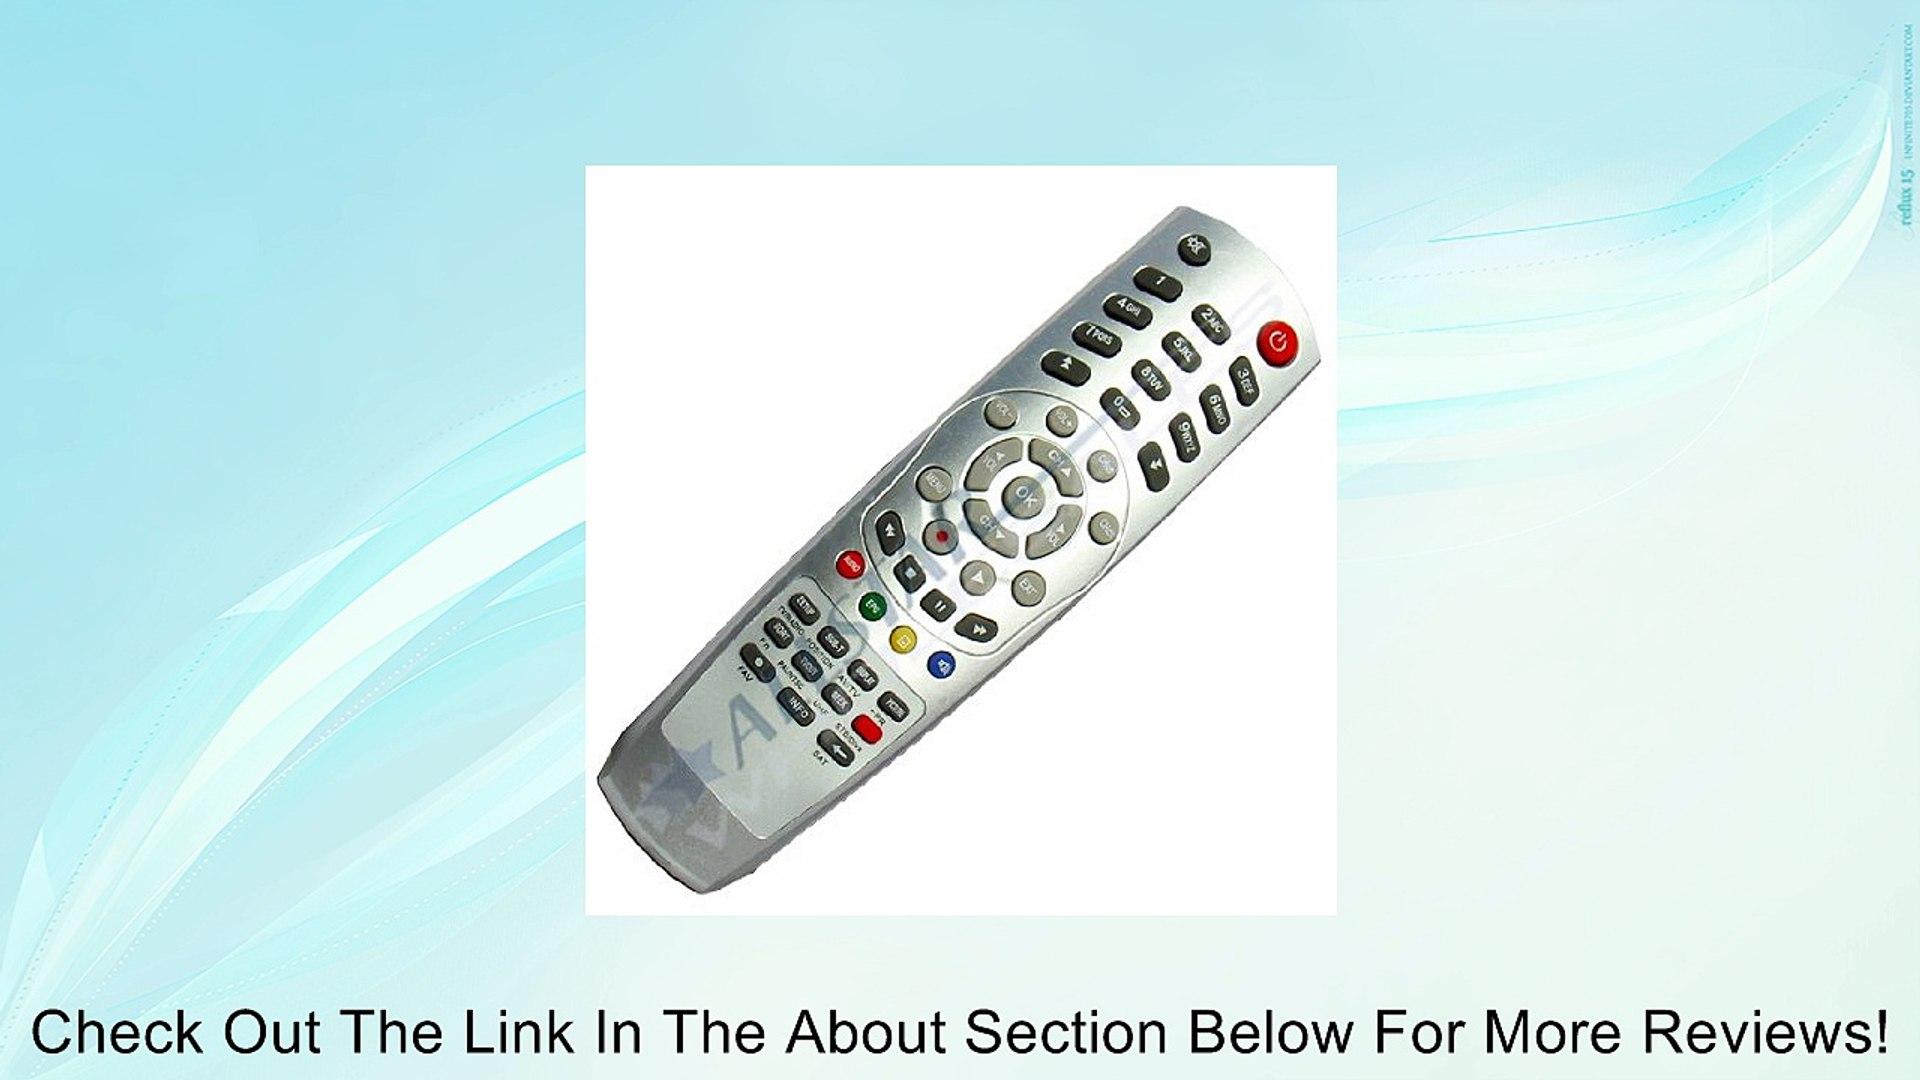 WAGO Remote I/O - EtherNet/IP Field Bus